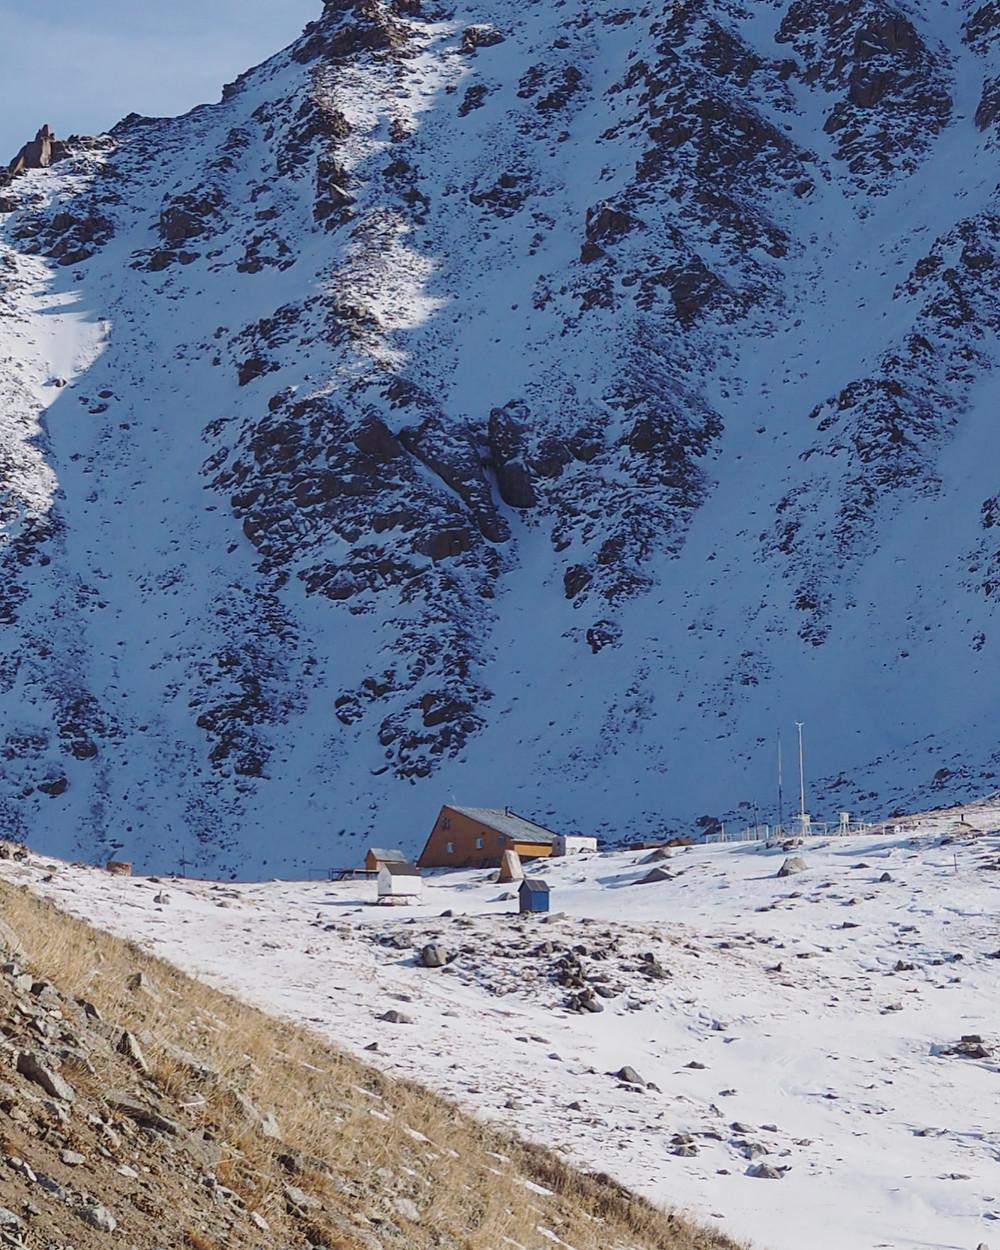 雪地里的小屋。